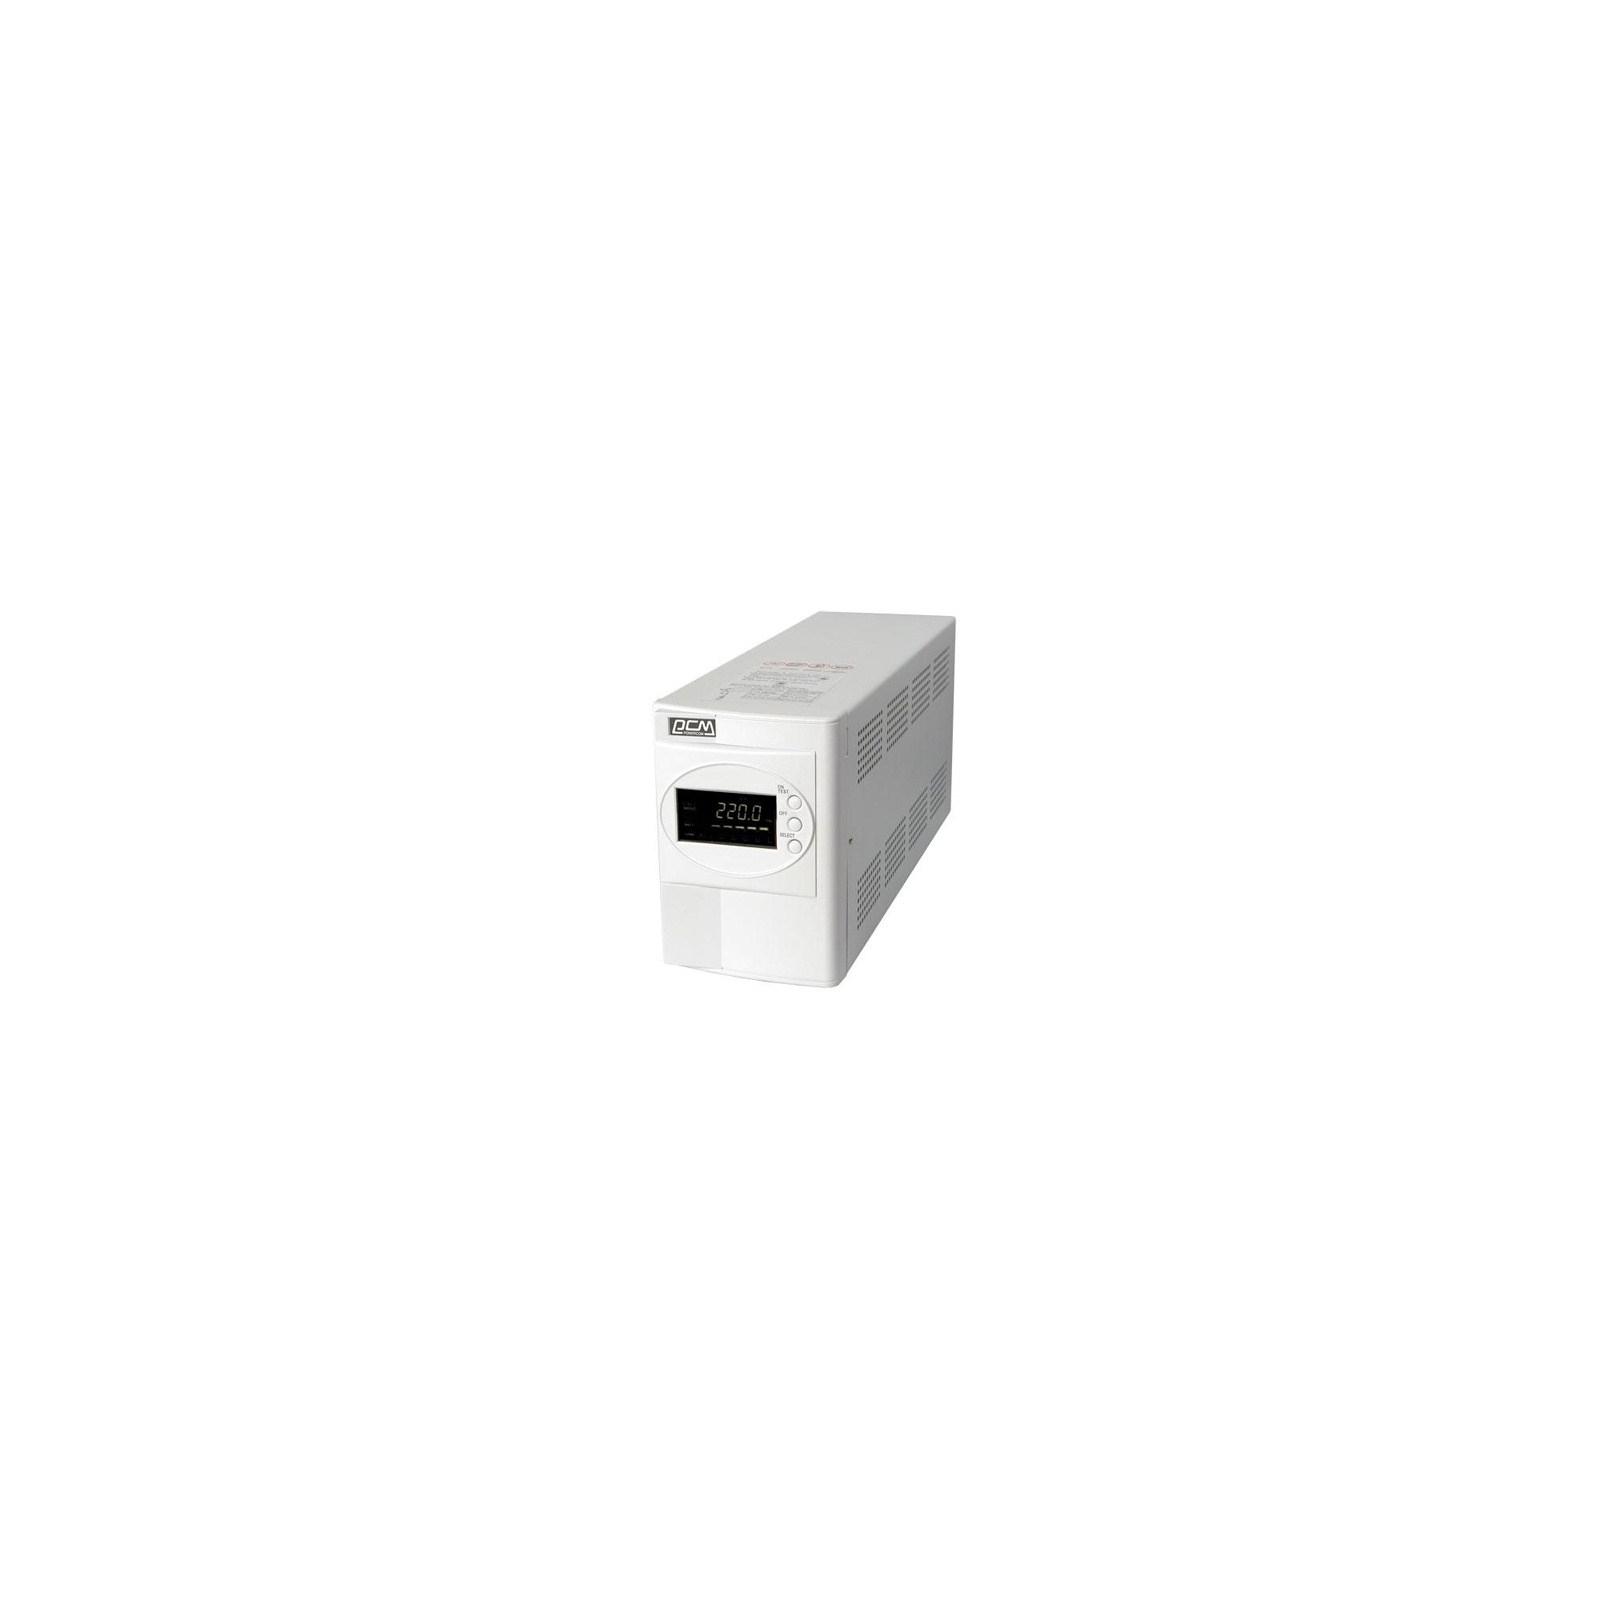 Источник бесперебойного питания SMK-600A-LCD Powercom